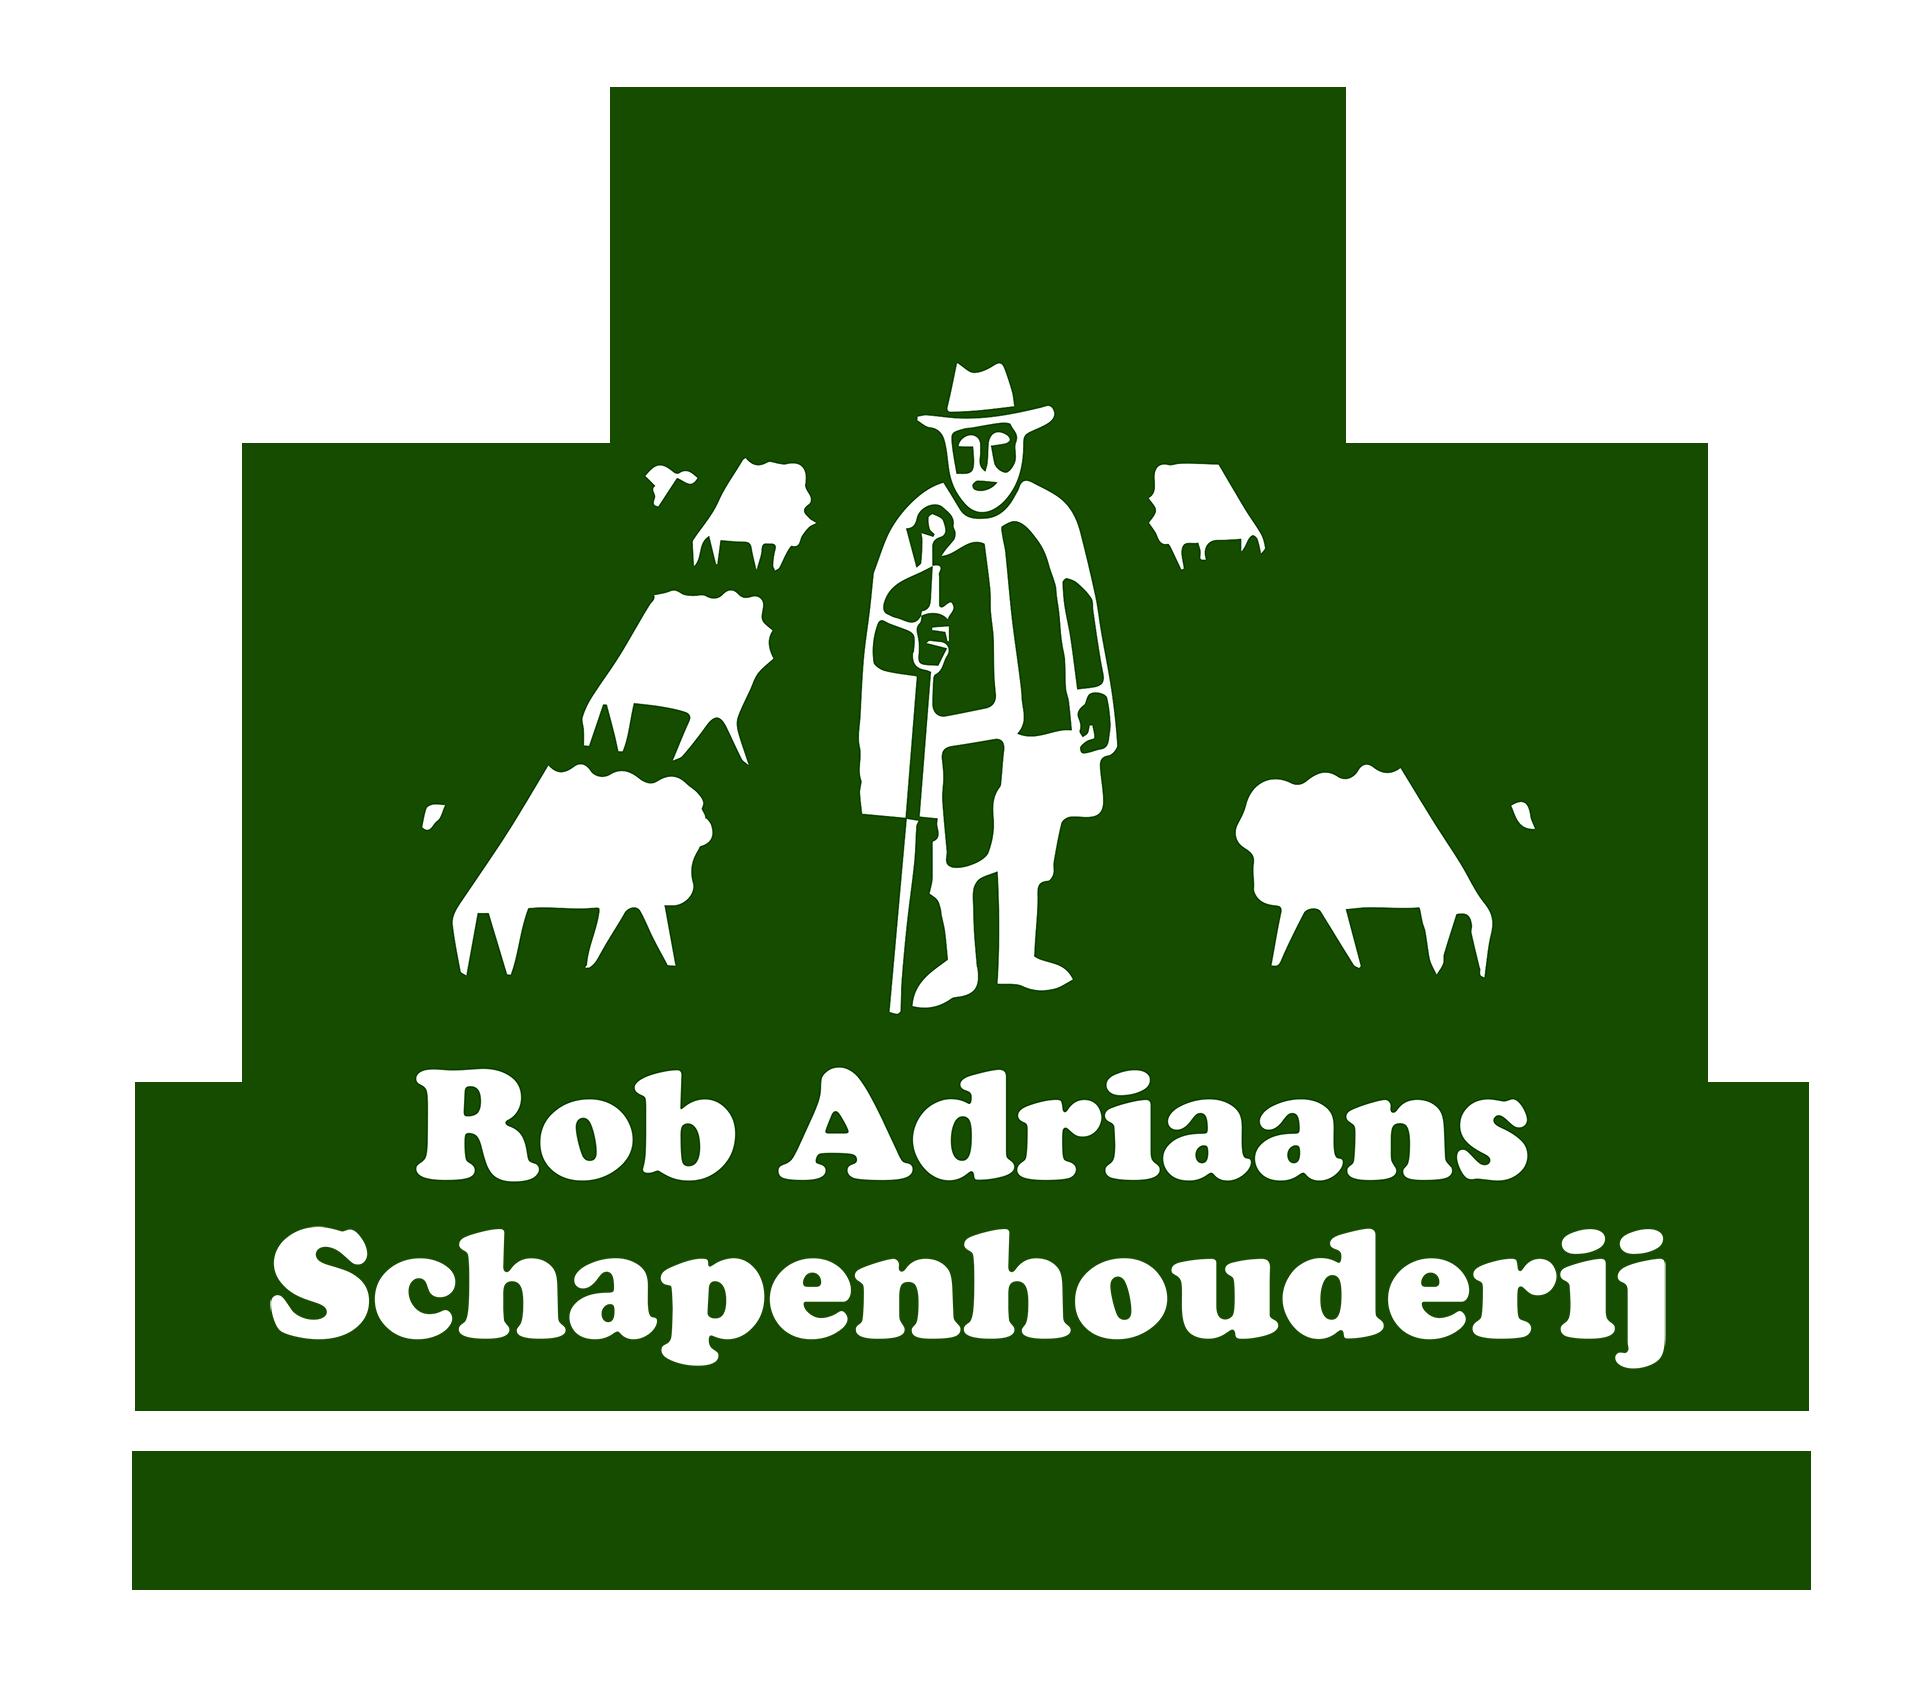 Schapenhouderij Rob Adriaans